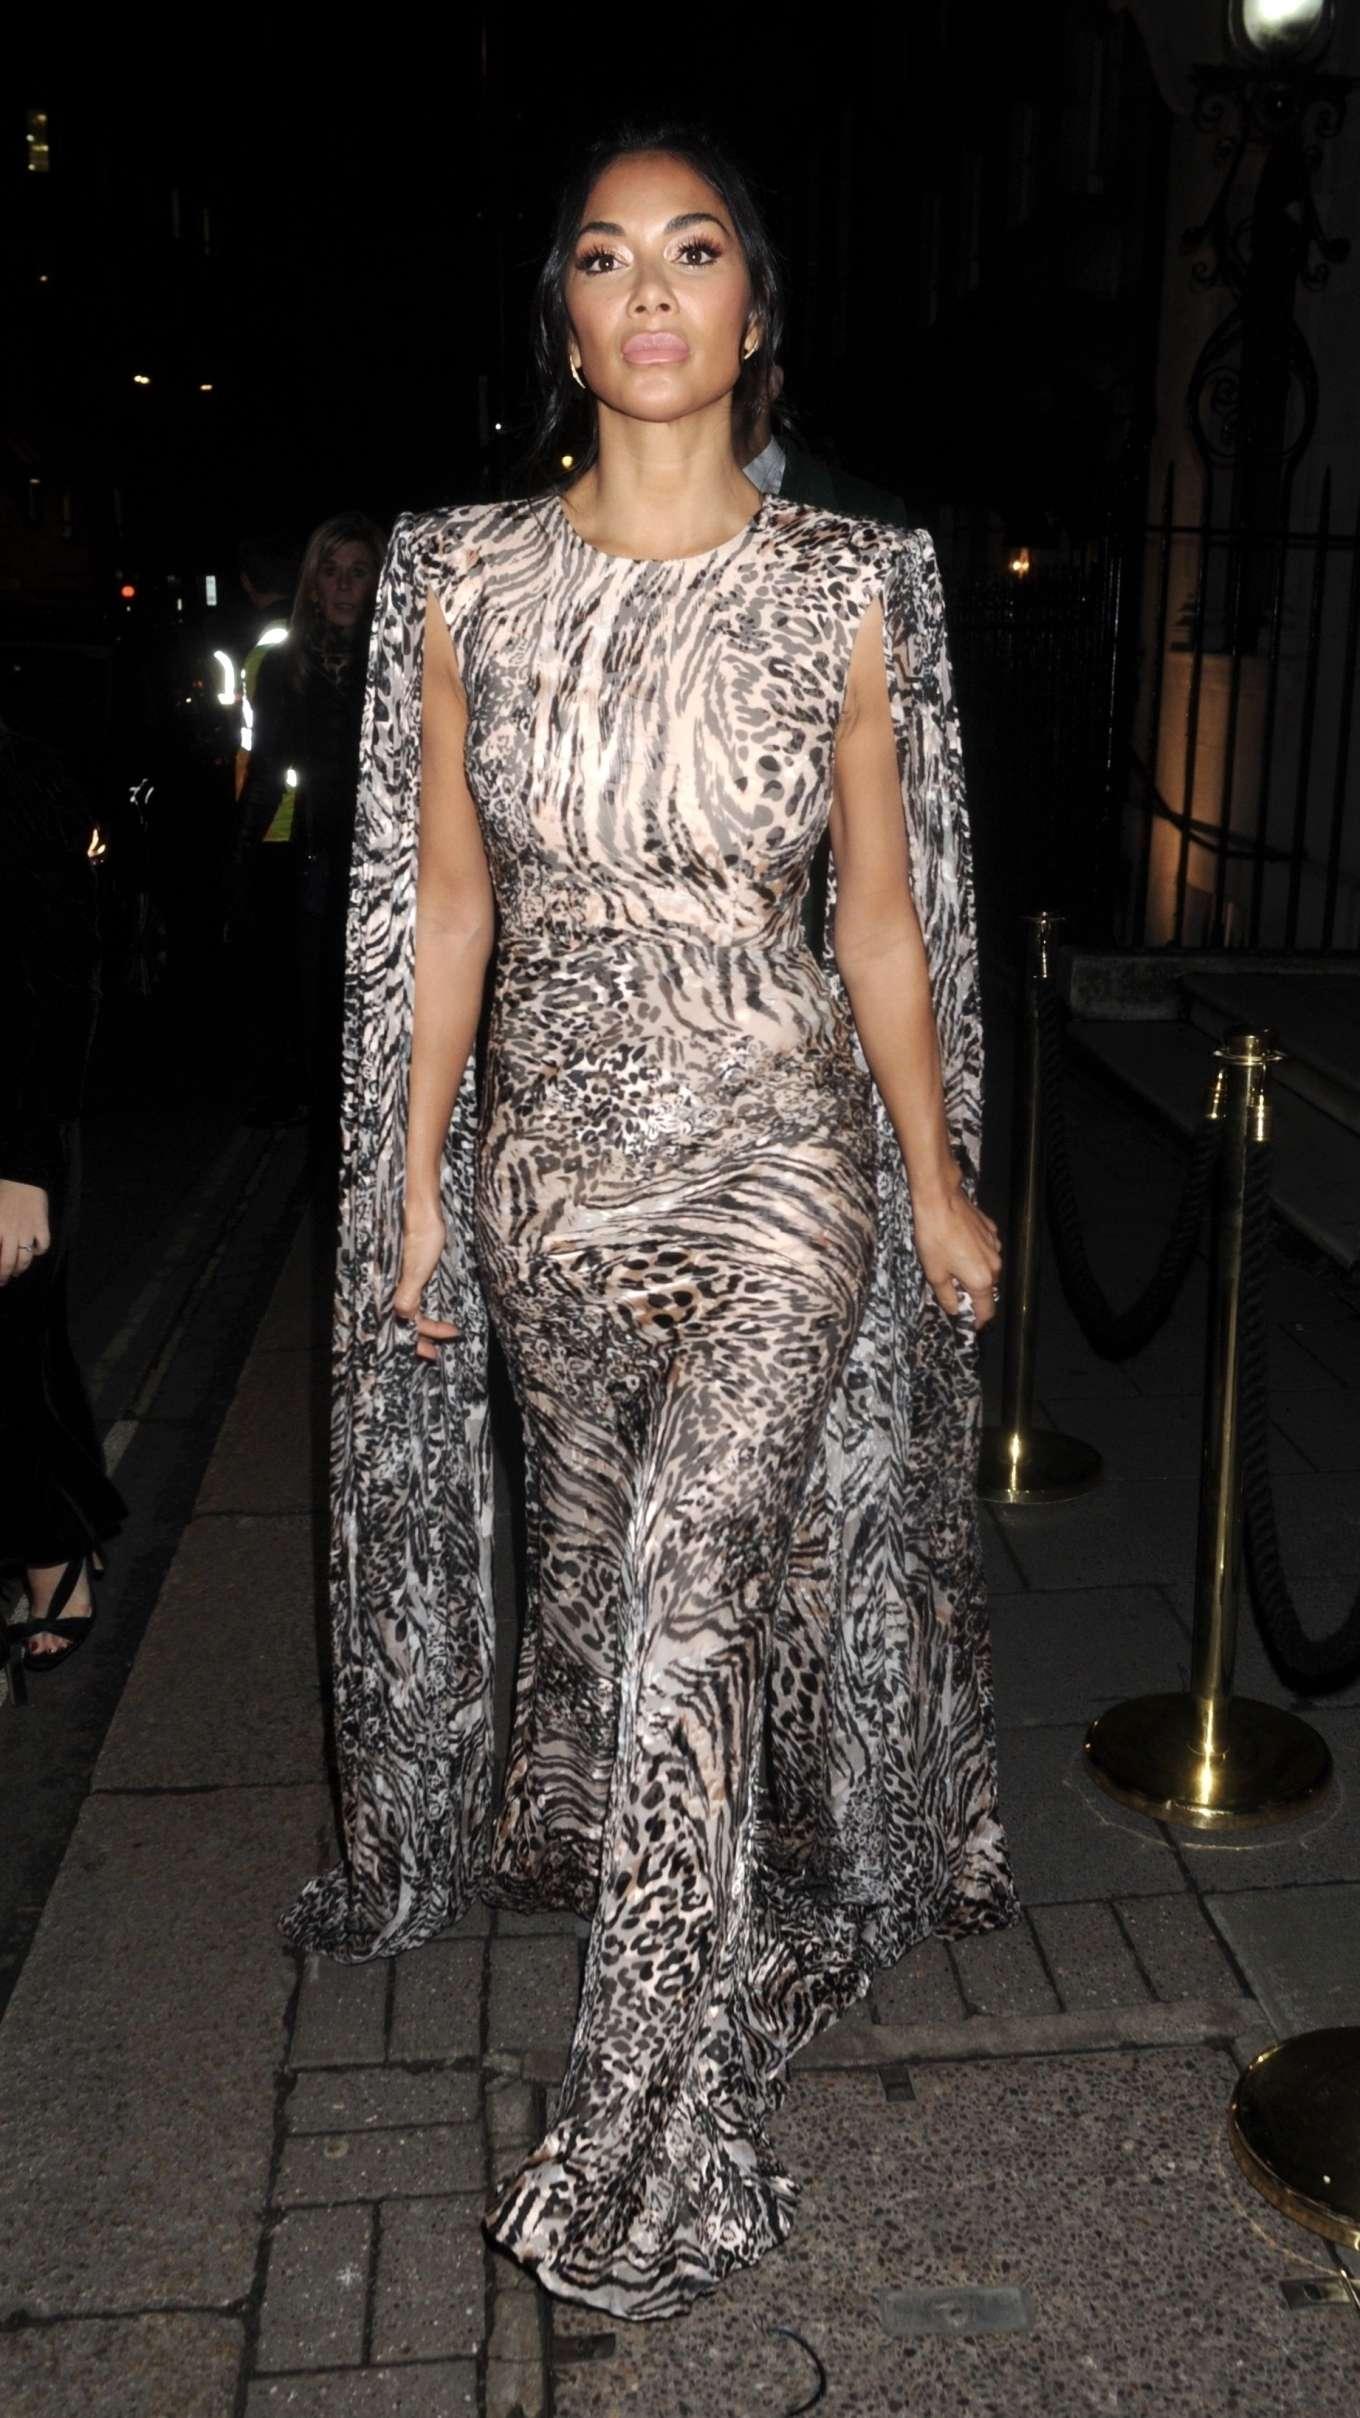 Nicole Scherzinger 2020 : Nicole Scherzinger – Arrives at British Vogues Fashion and Film Party 2020-01